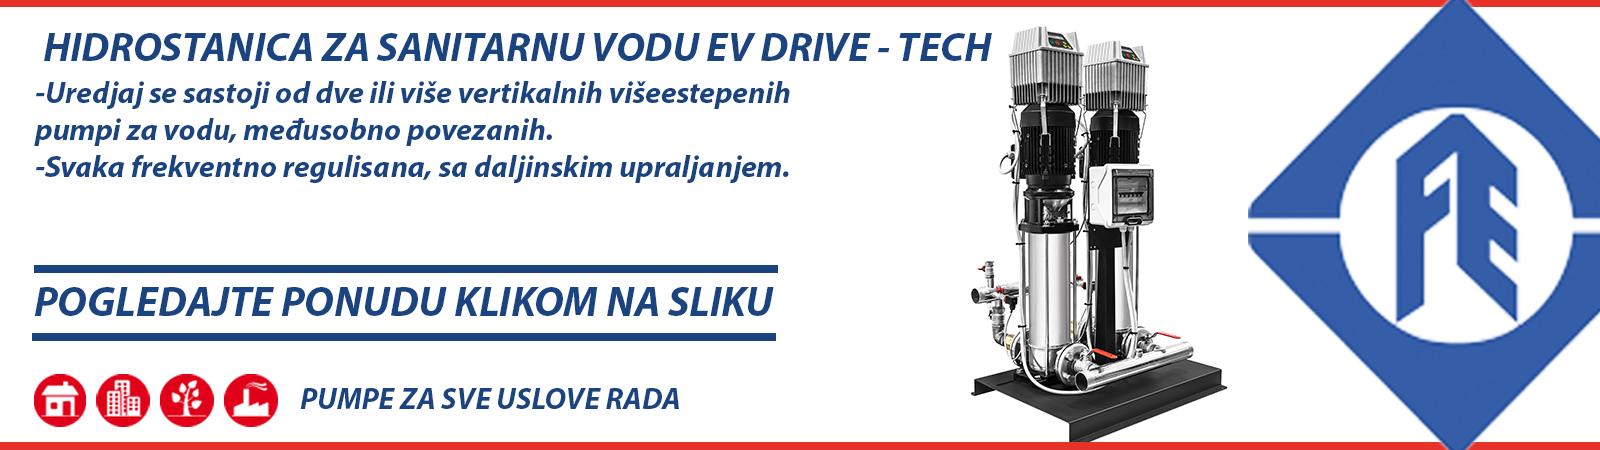 Hidrostanica za sanitarnu vodu Franklin Electric EV DRIVE TECH